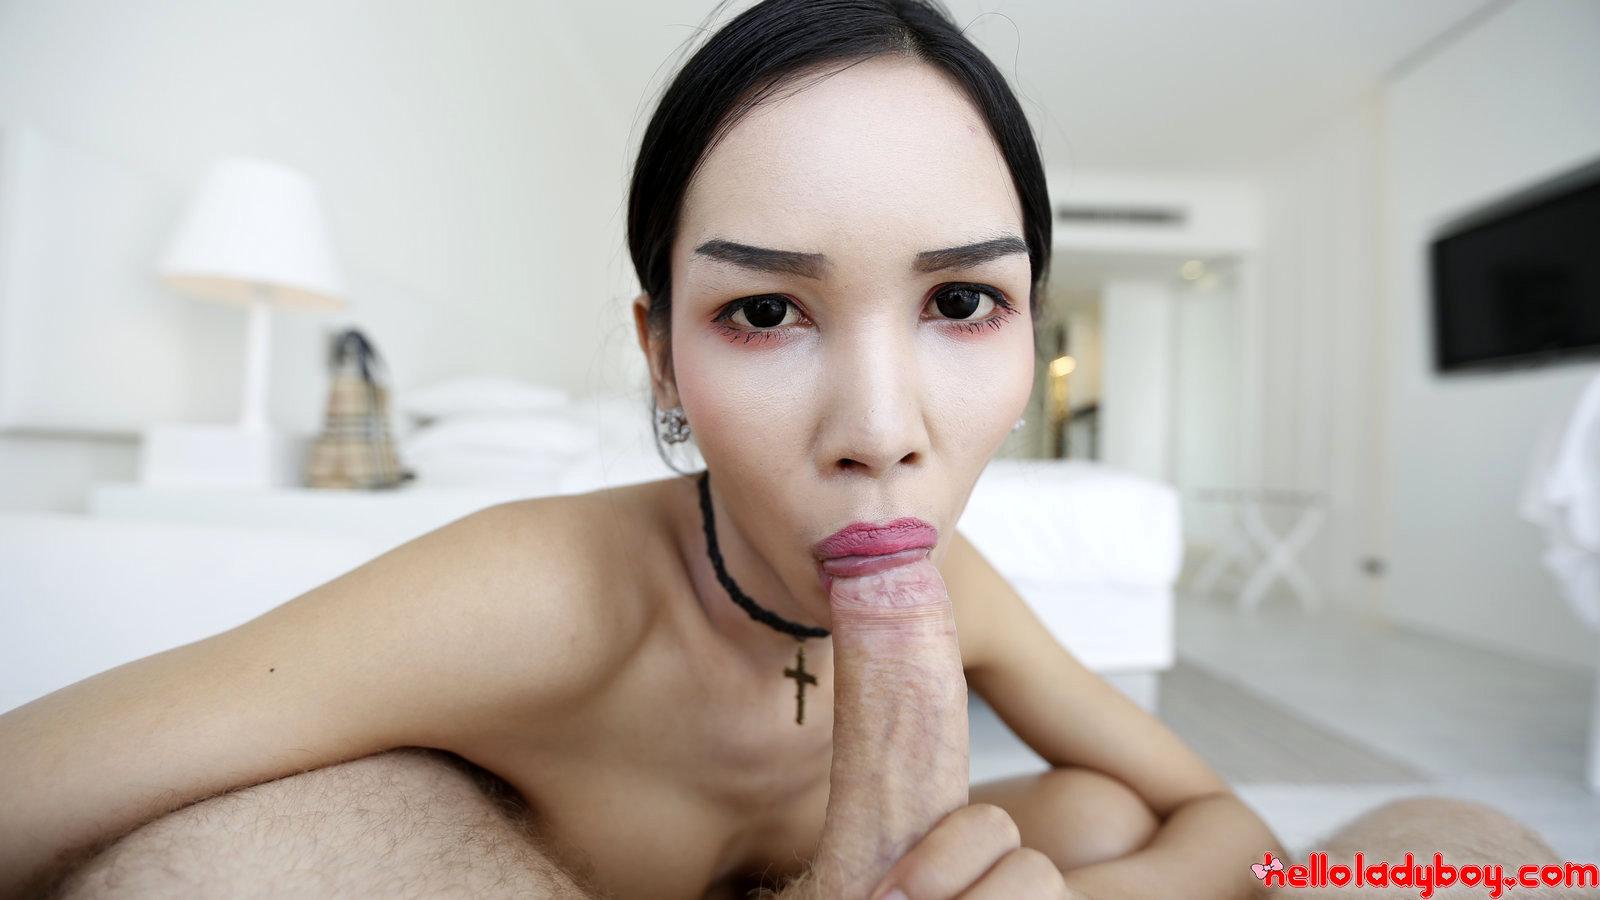 Asian Ts Fashionista Sucks White Tourist Penis